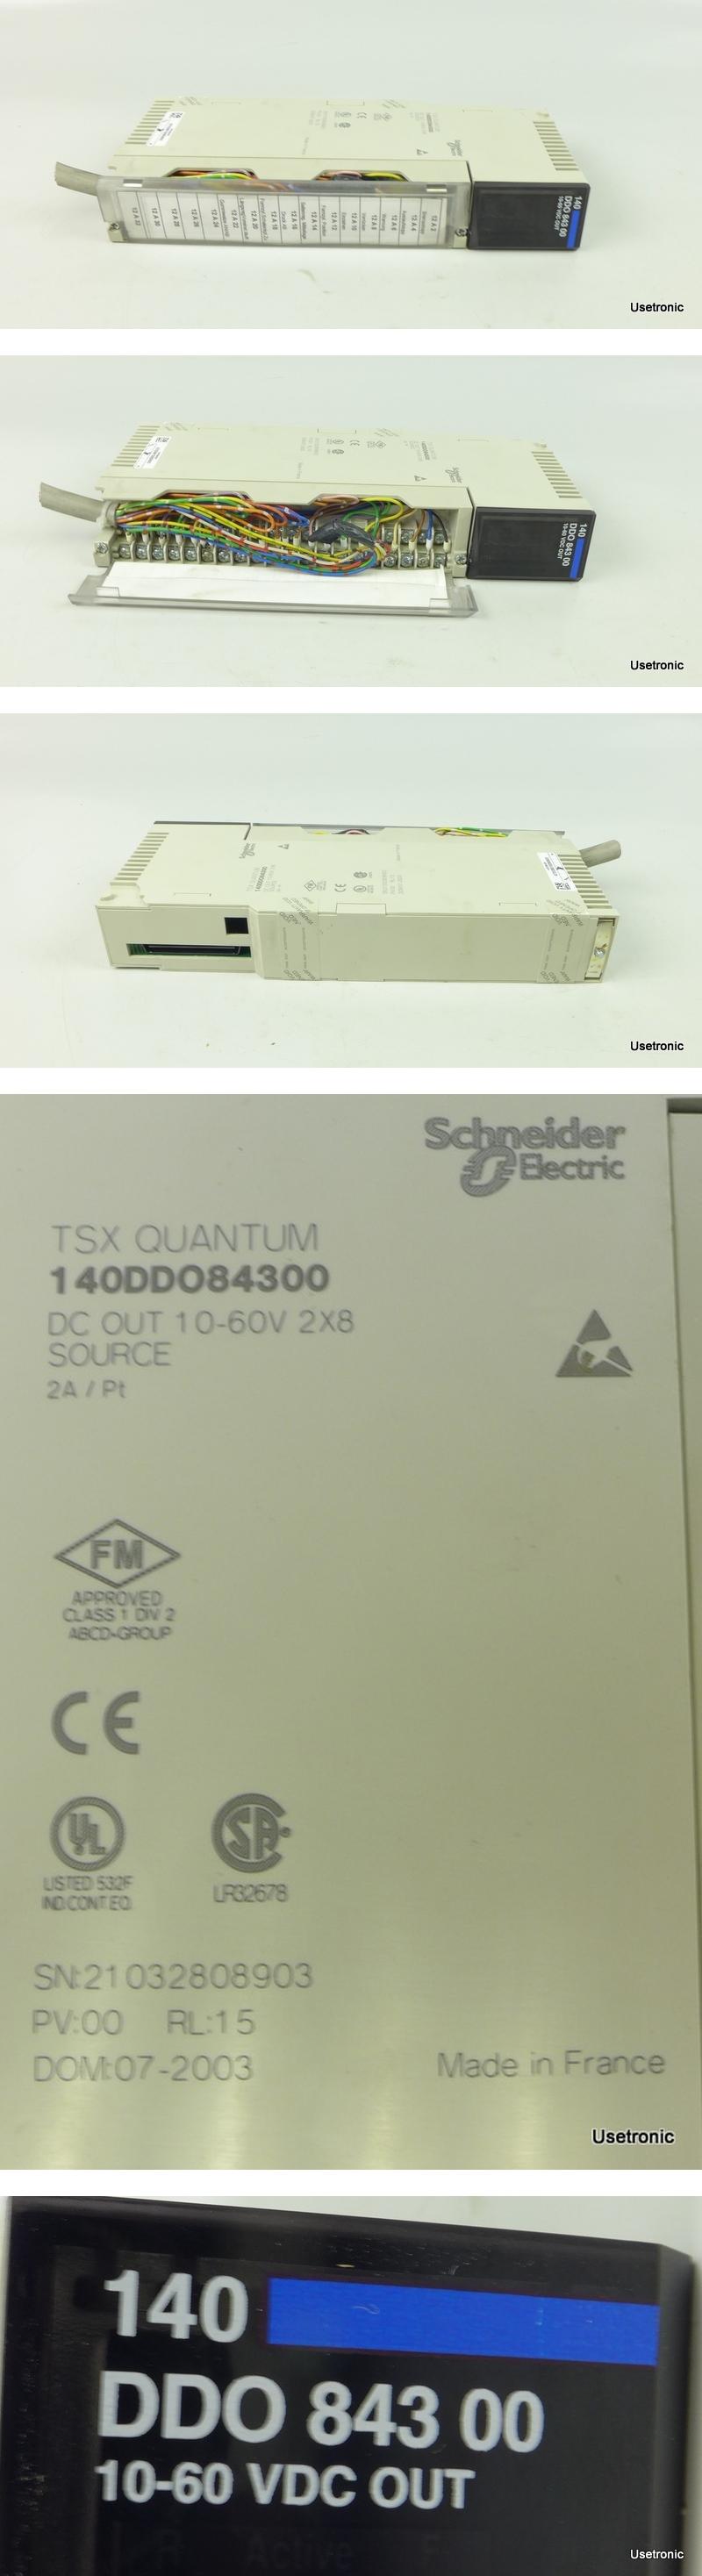 Schneider Electric 140DDO84300